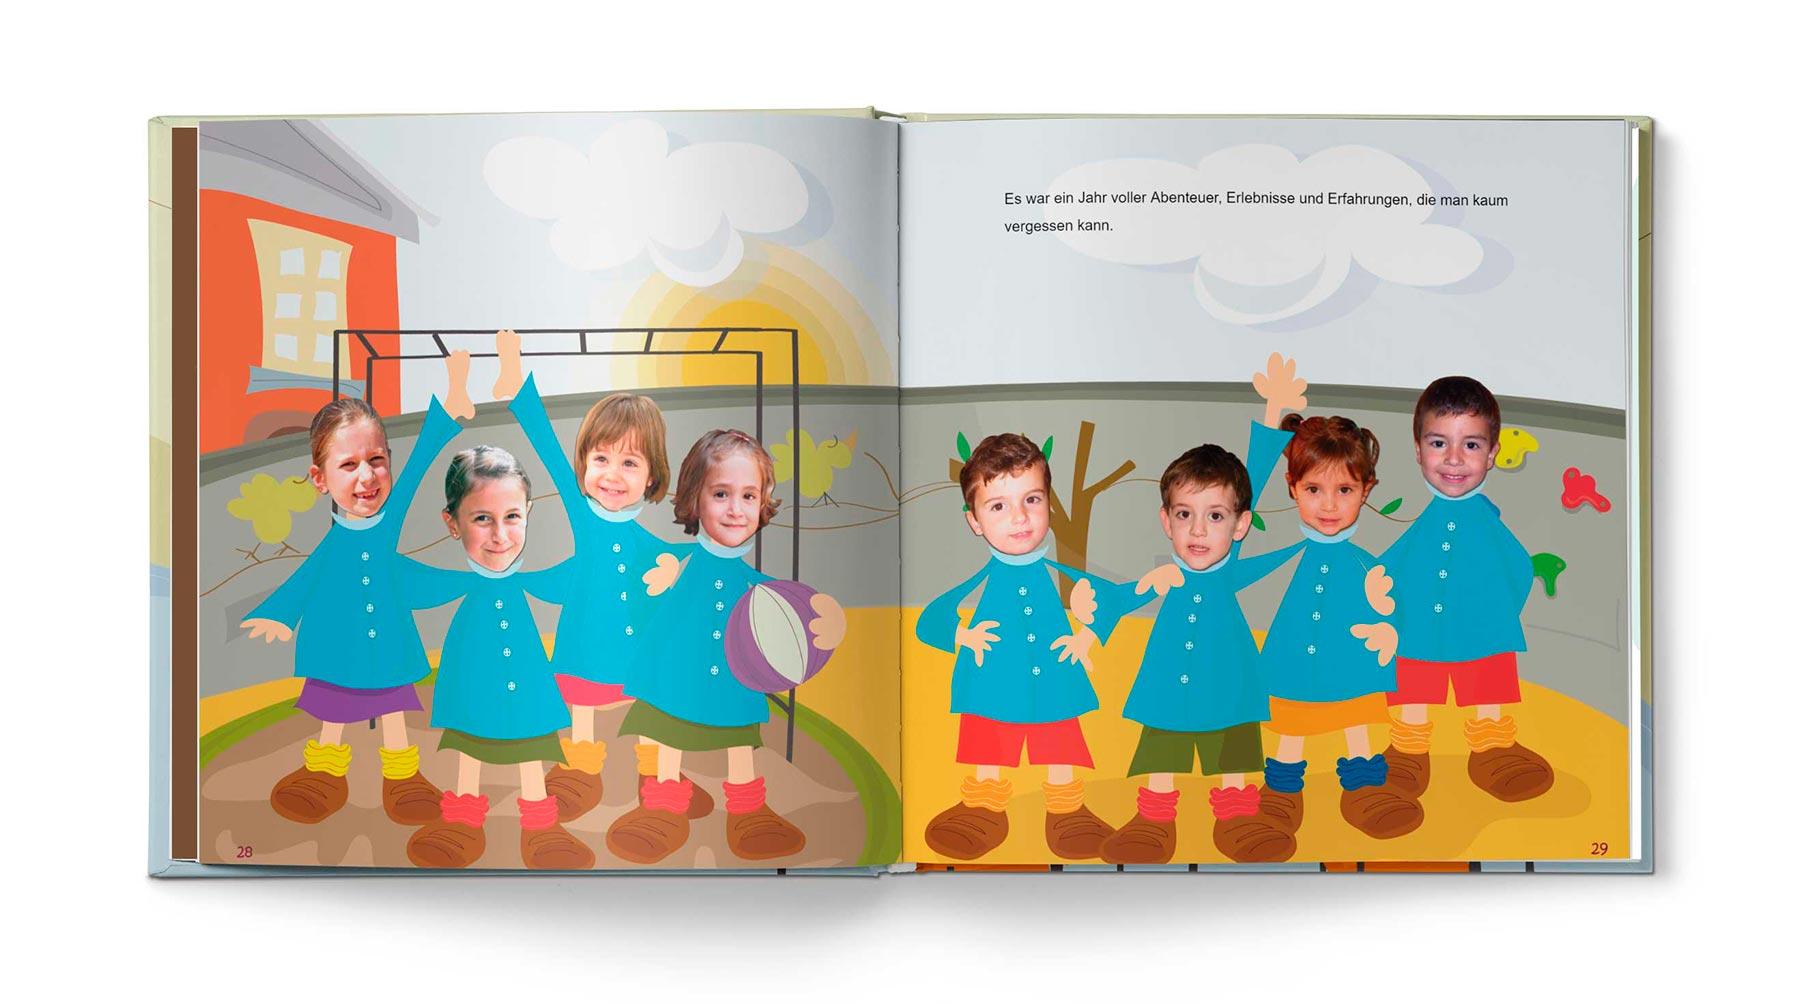 Geschichte Das Schulbuch - Bild 14